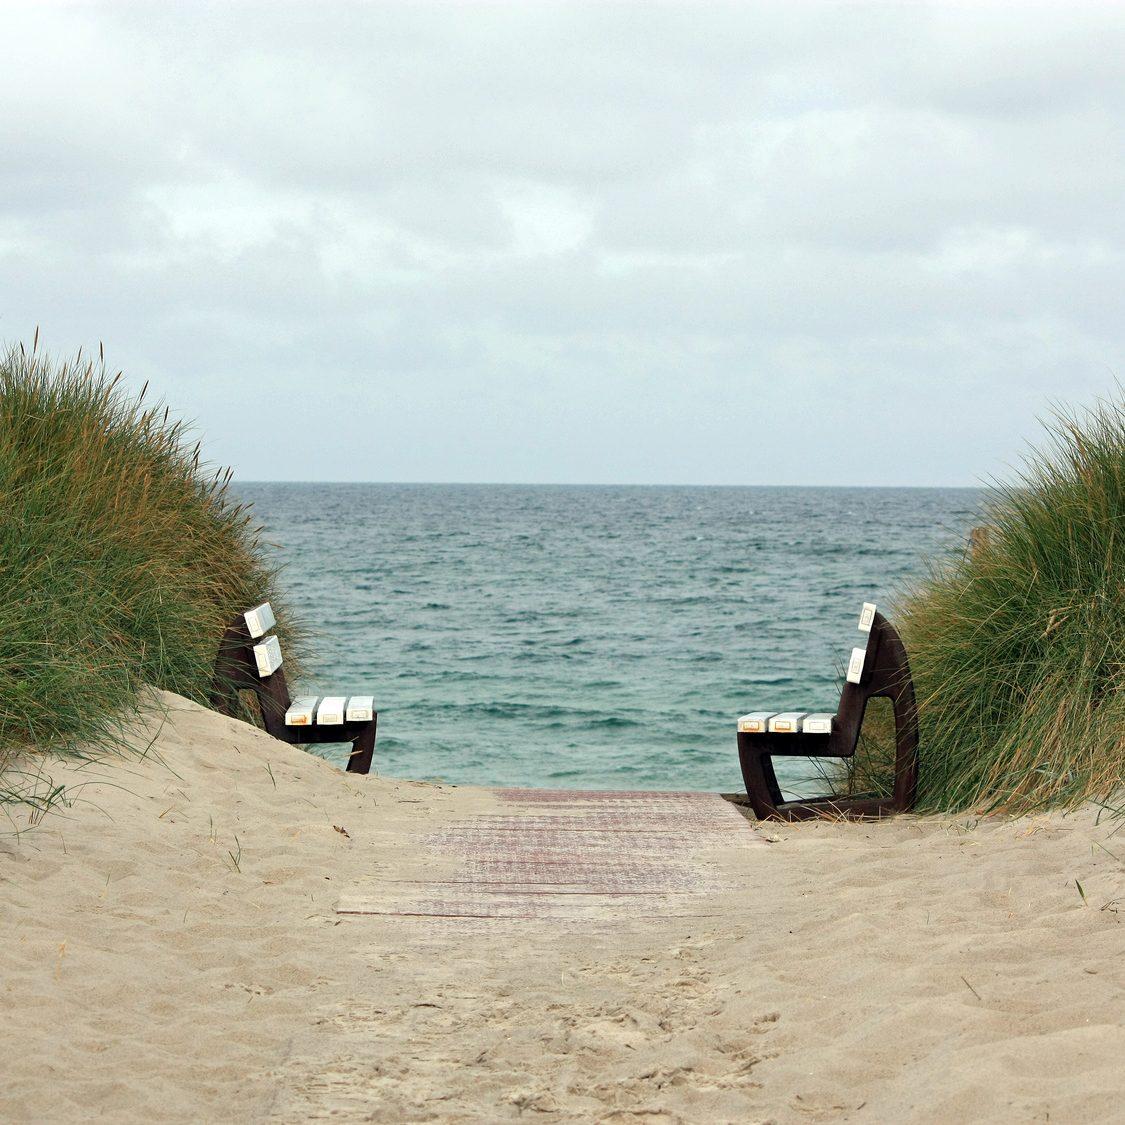 Bänke am Strand als Symbol für die Gesprächstherapie